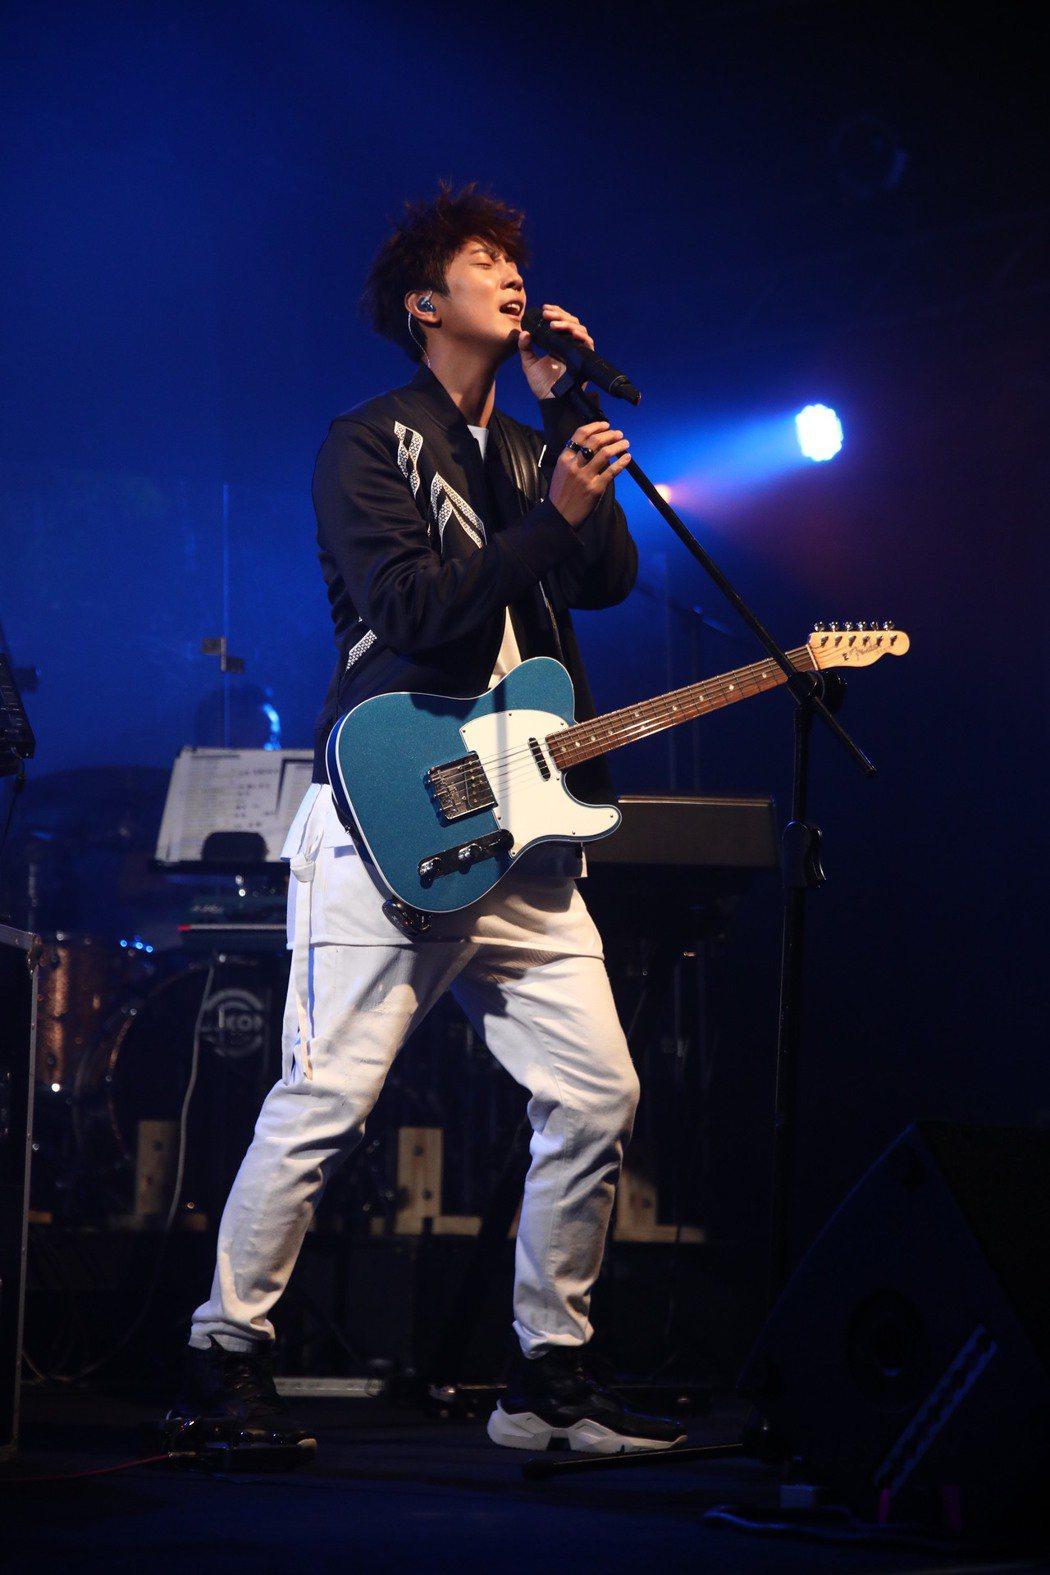 許書豪在台上自彈自唱。圖/上行娛樂提供